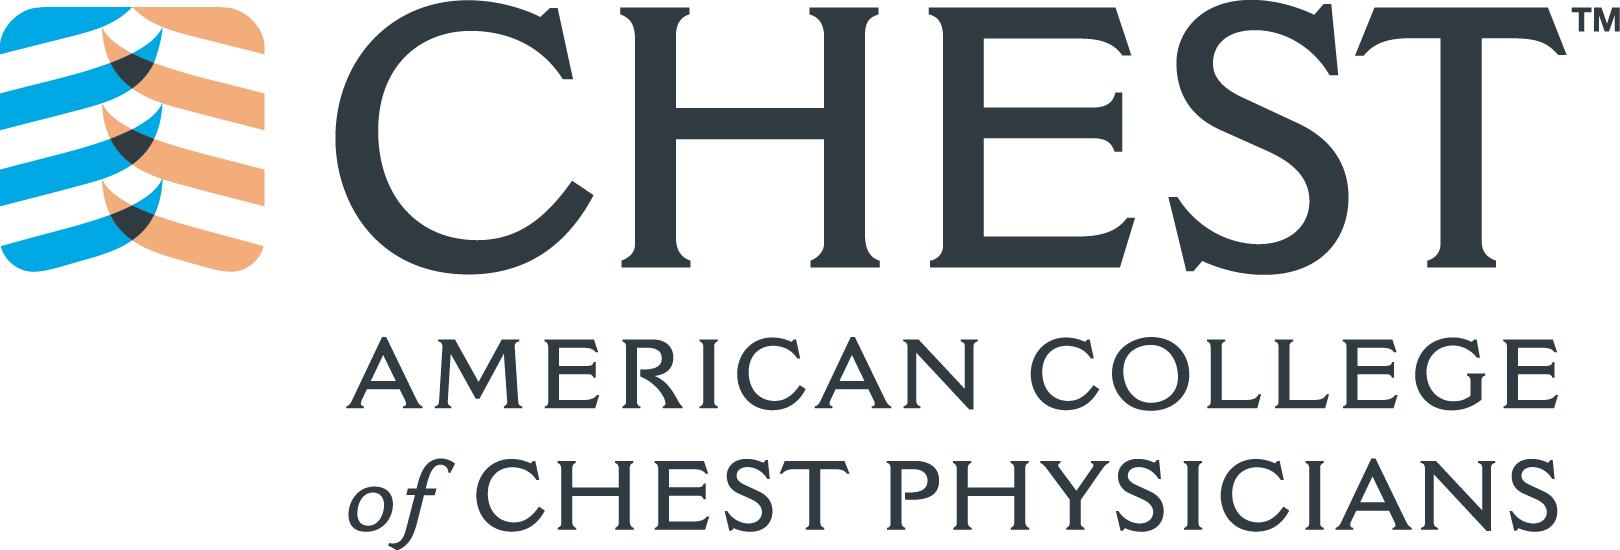 ACCP-CHEST-2018.jpg